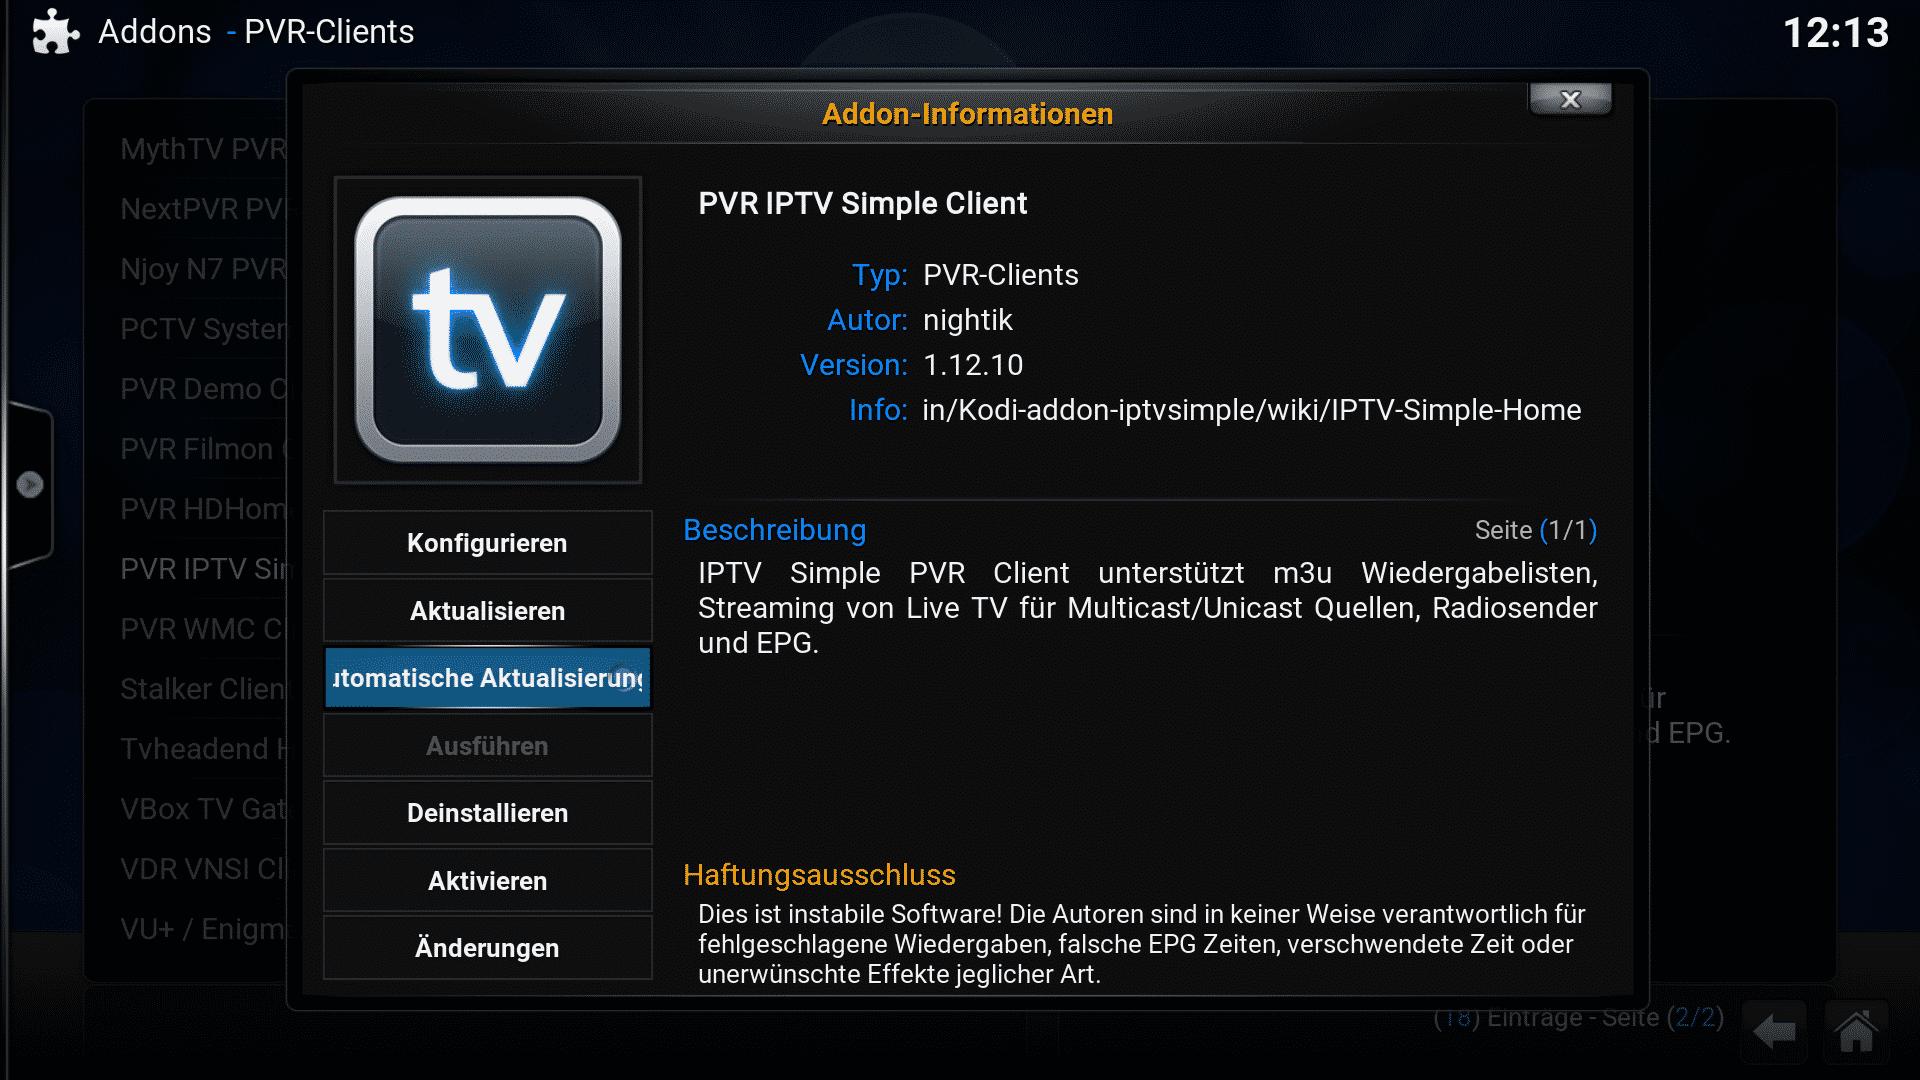 Ab Kodi 16 darf der Anwender selbst entscheiden, welche Add-ons er automatisch aktualisieren lassen will.